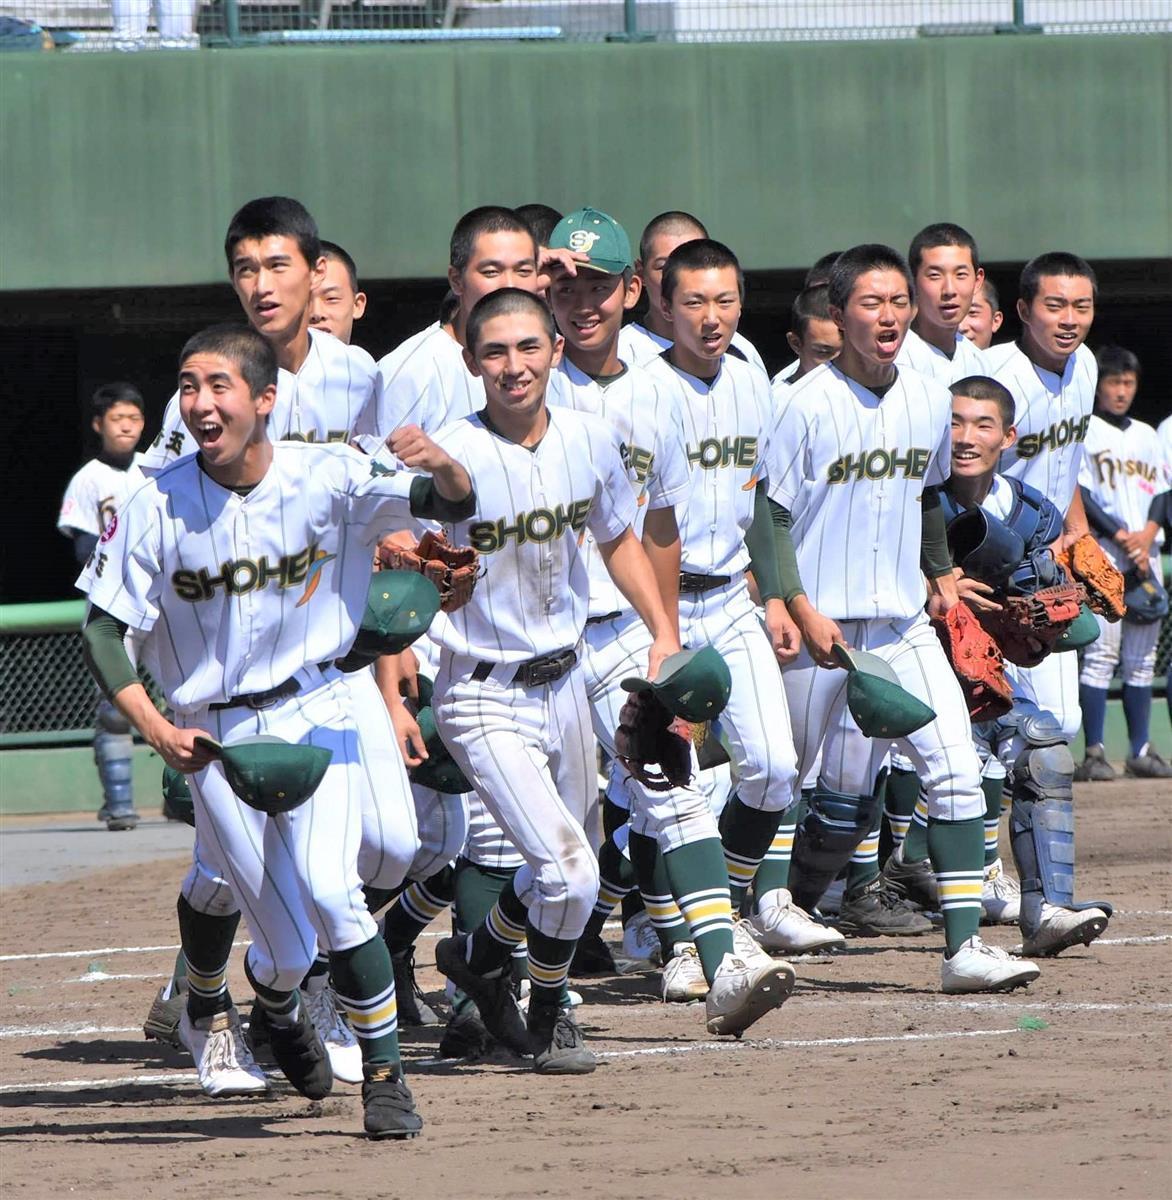 県 高校 大会 秋季 埼玉 速報 野球